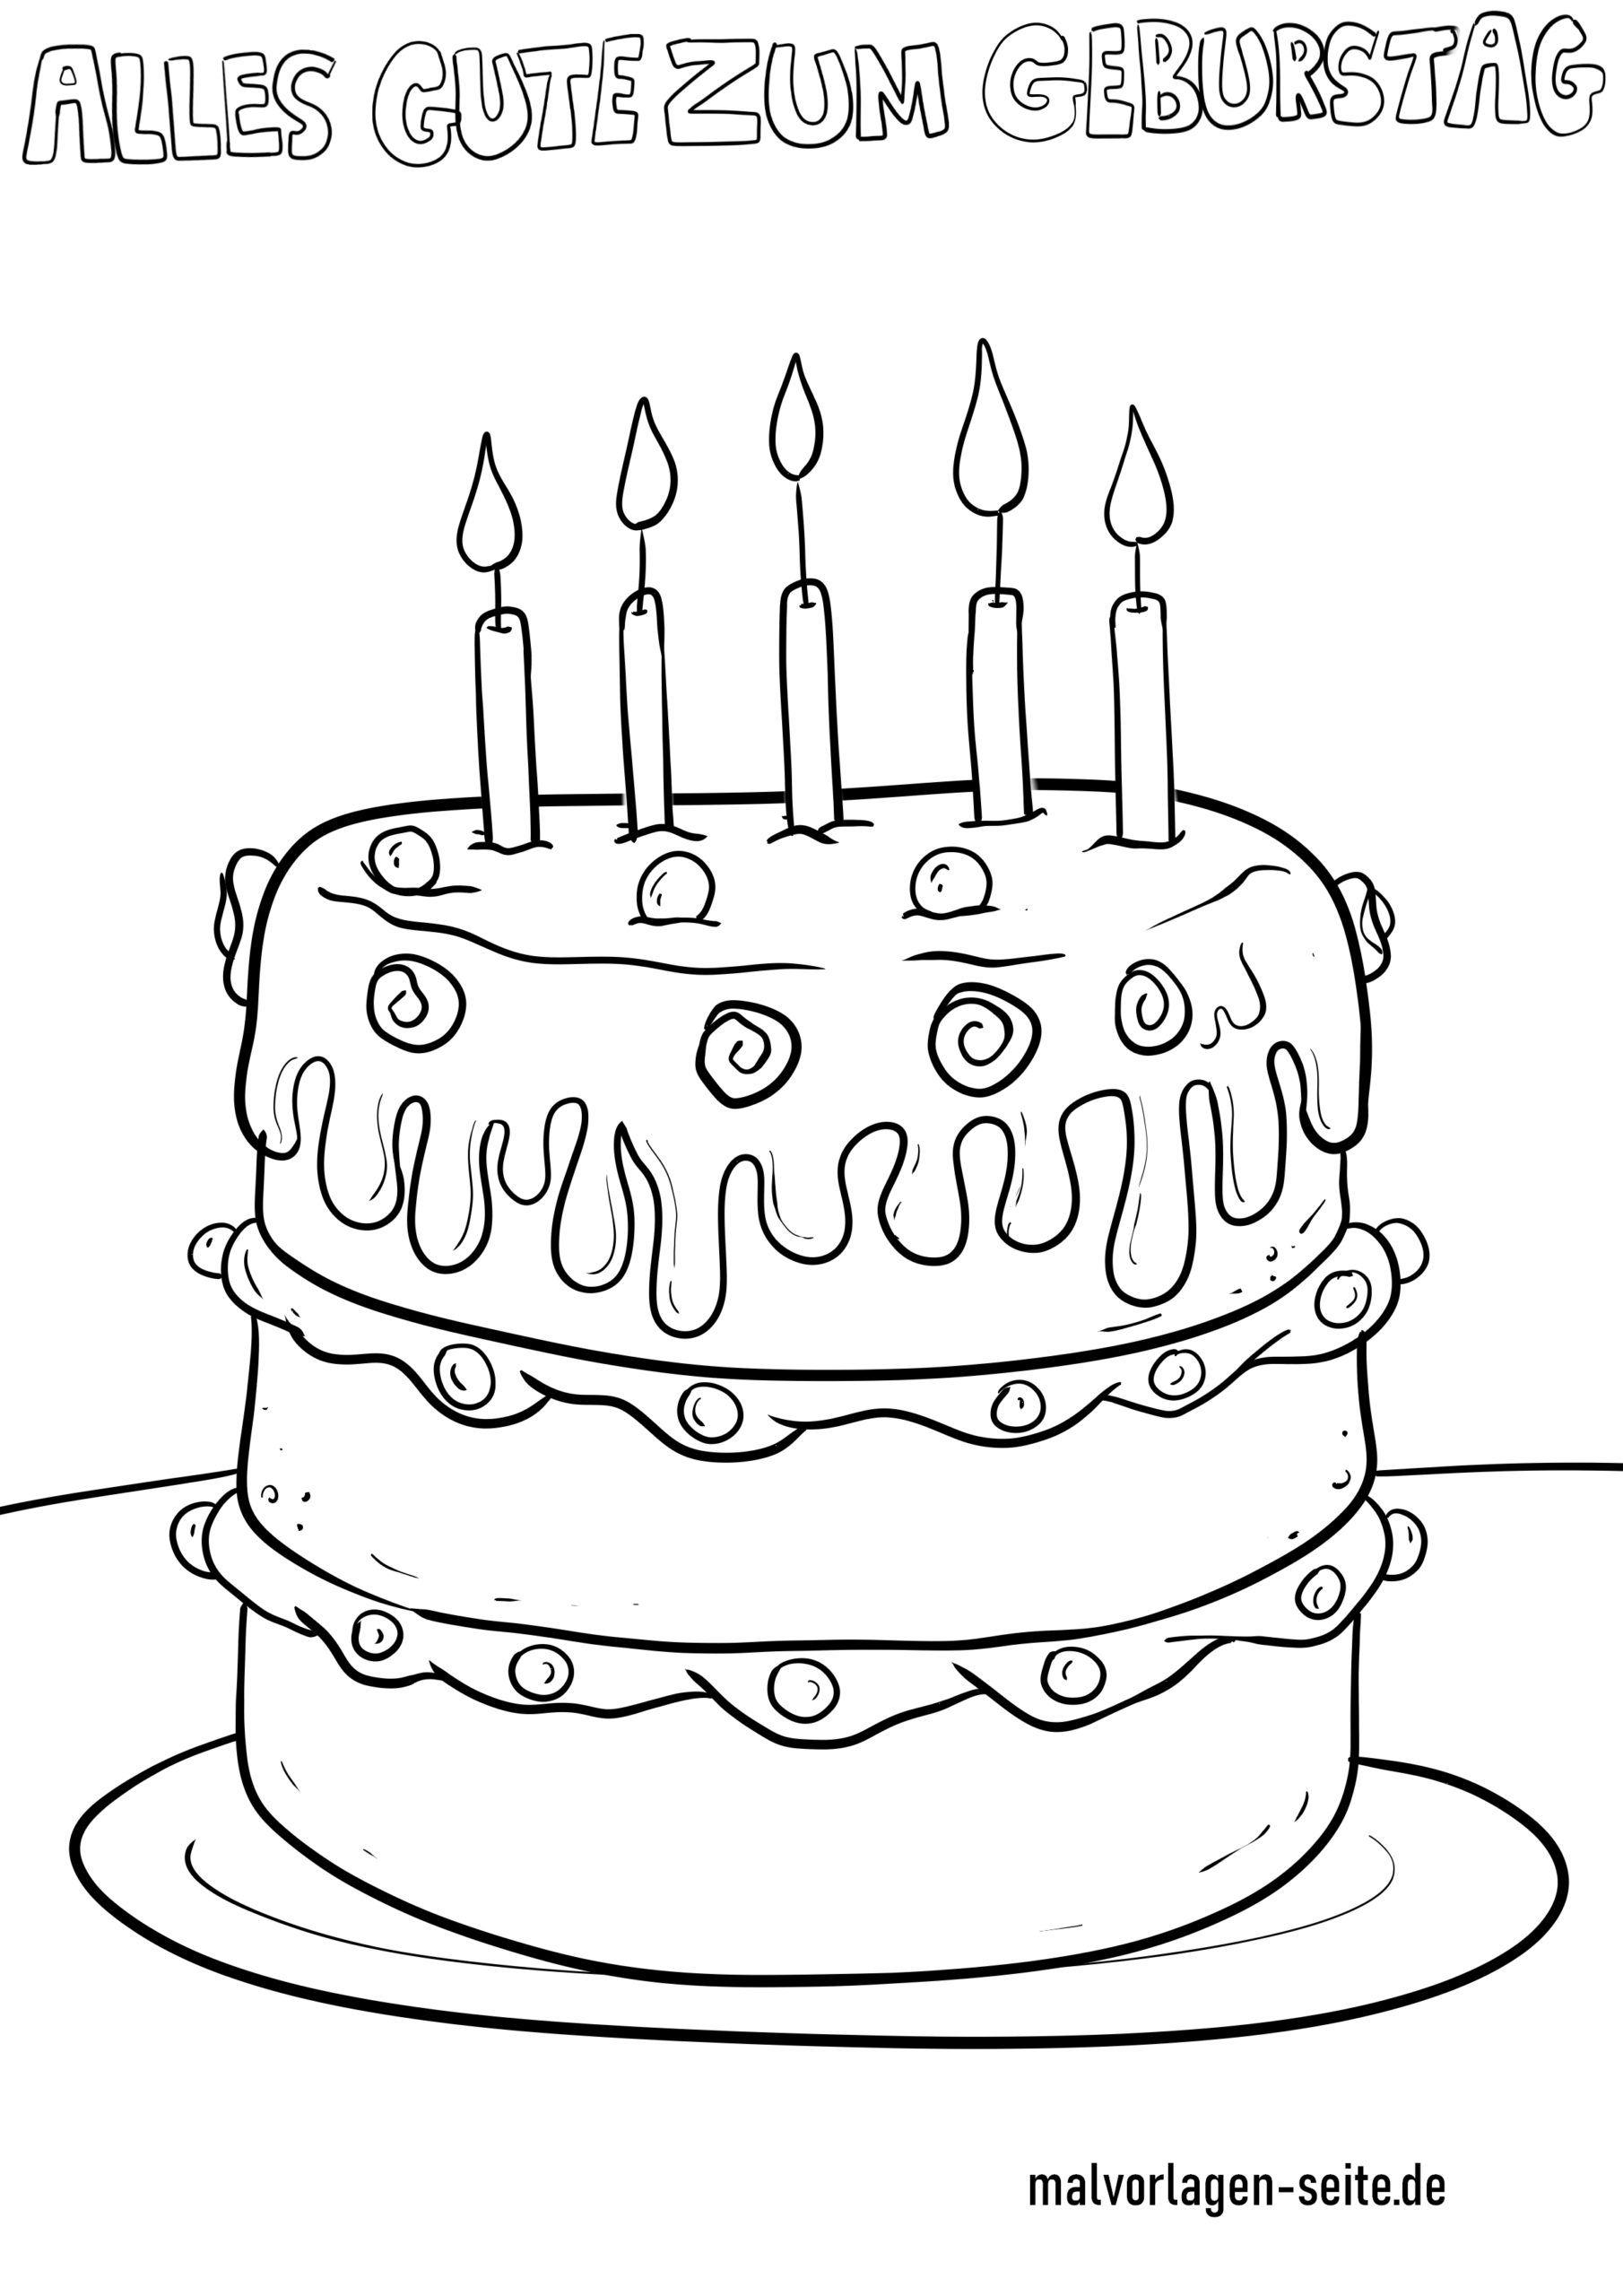 Malvorlage Alles Gute Zum Geburtstag - Ausmalbilder mit Mandalas Geburtstag